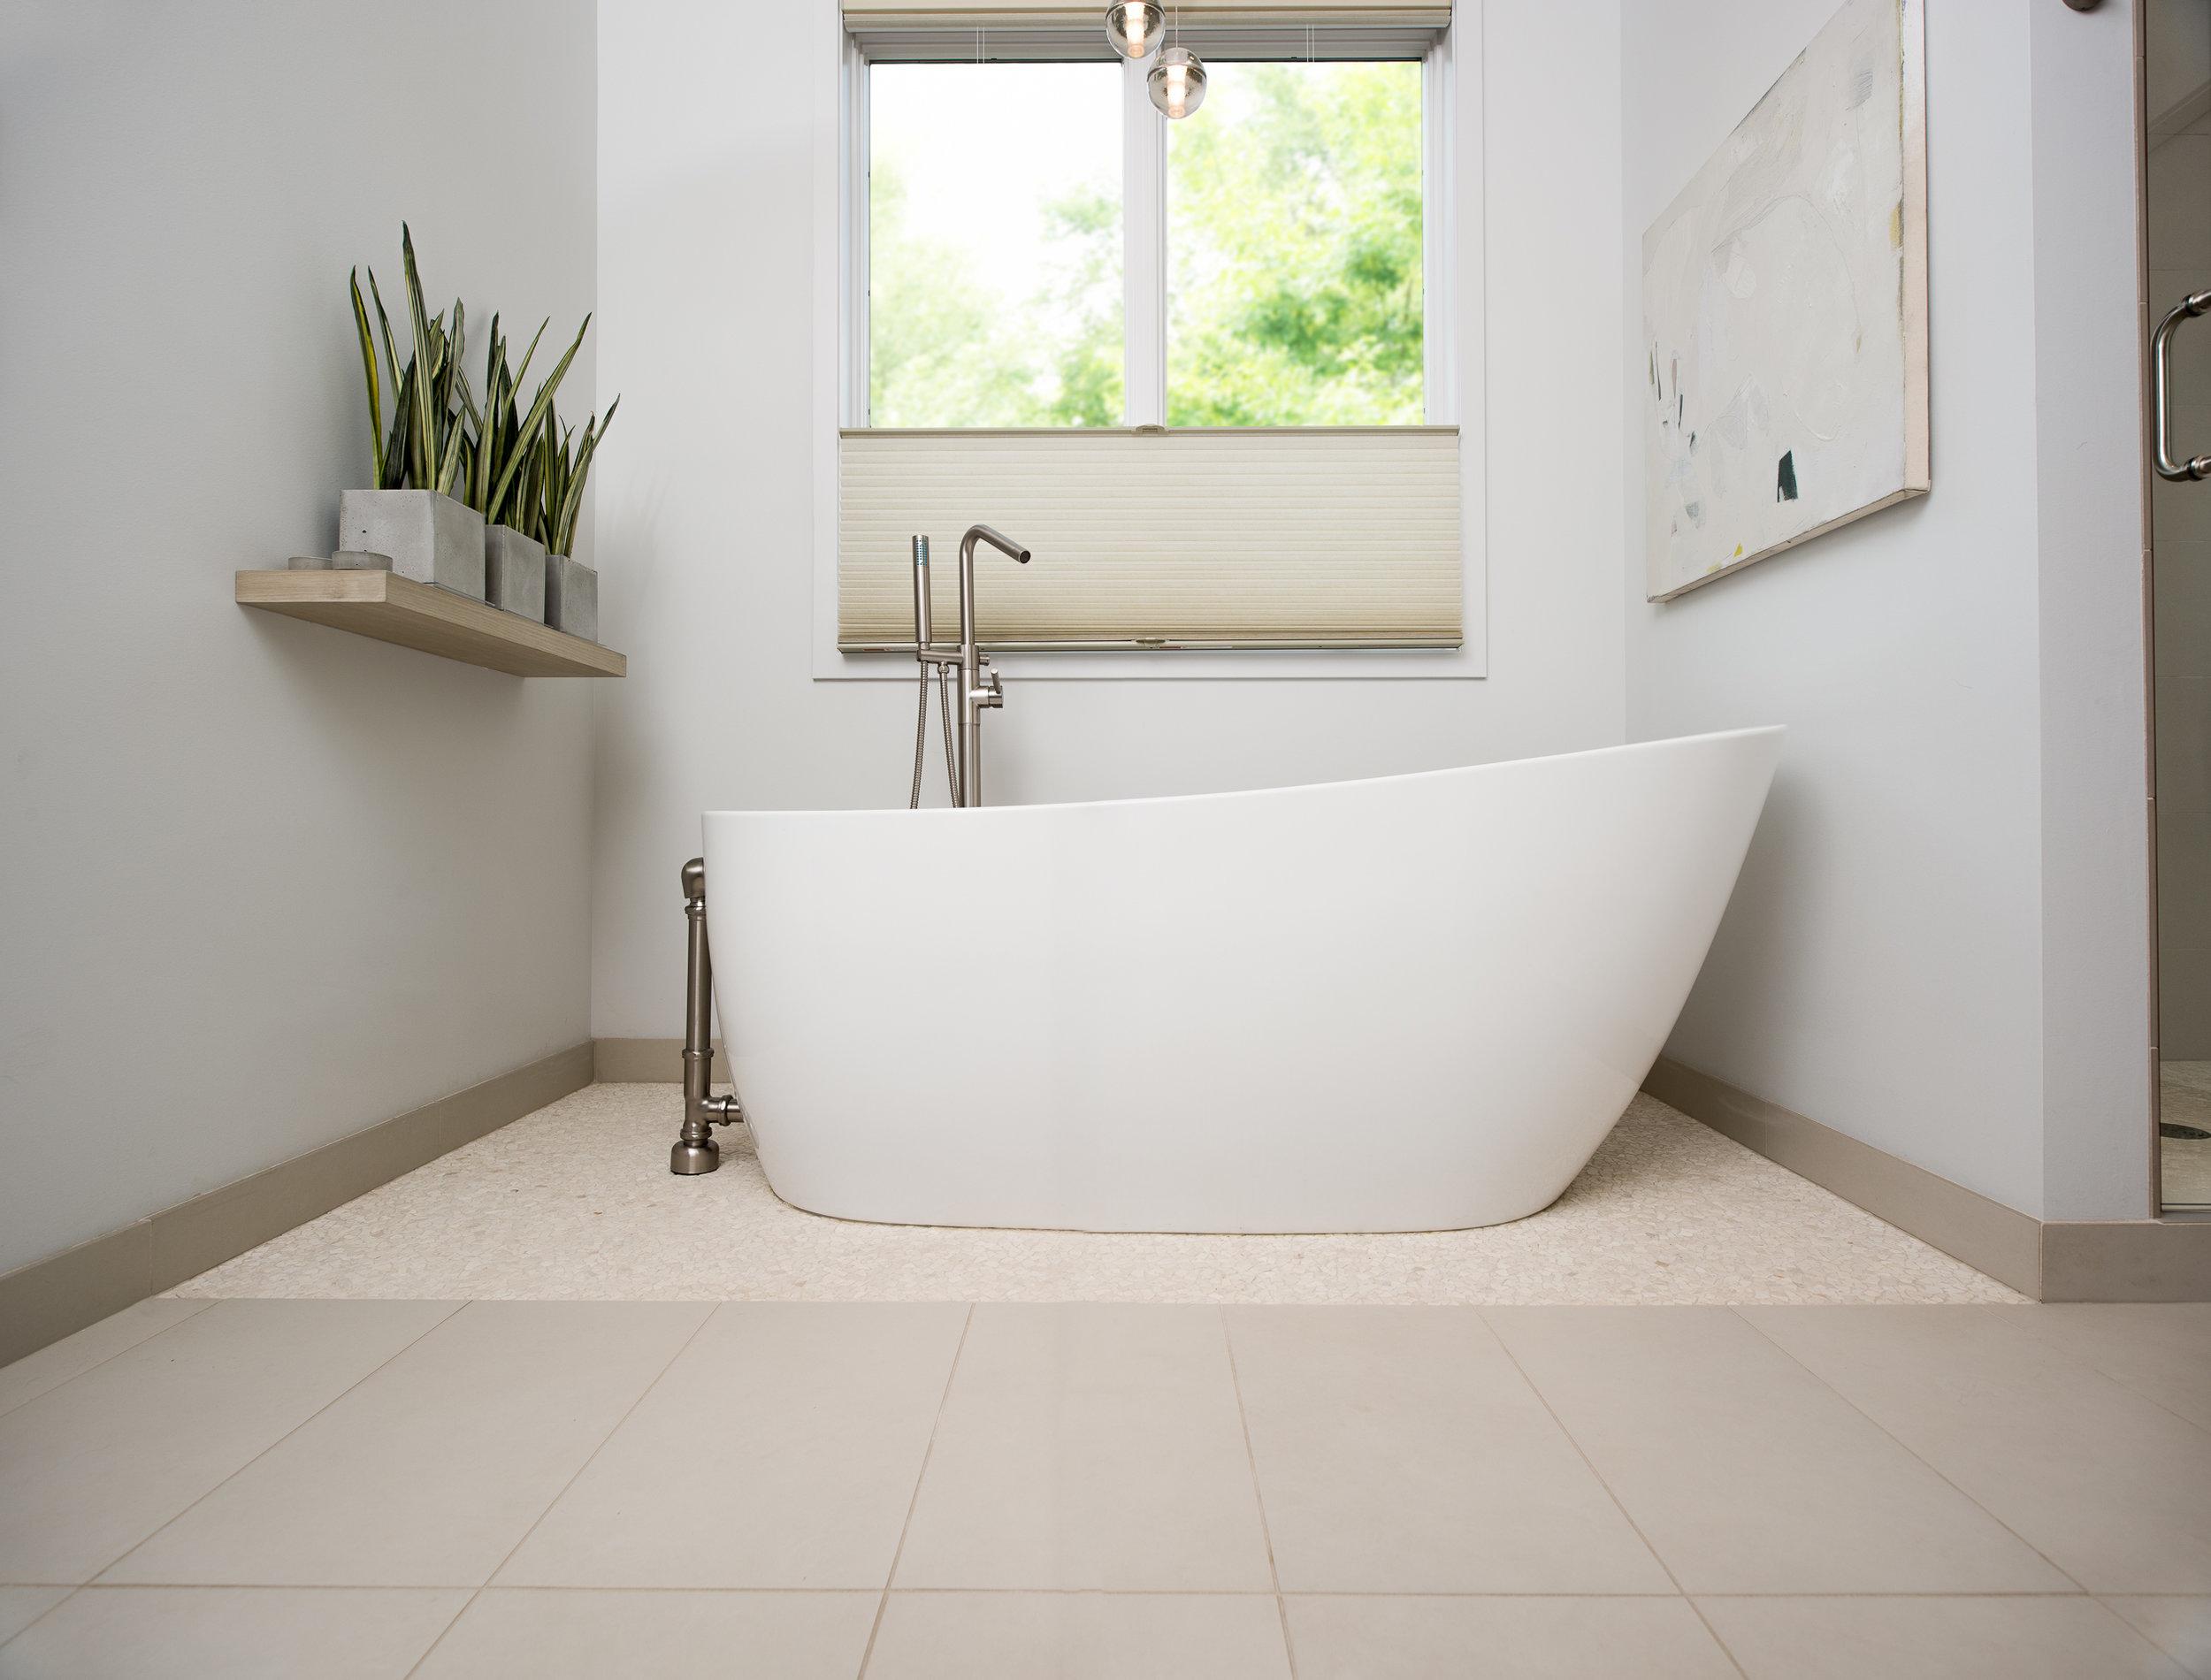 Floating tub in modern master bathroom